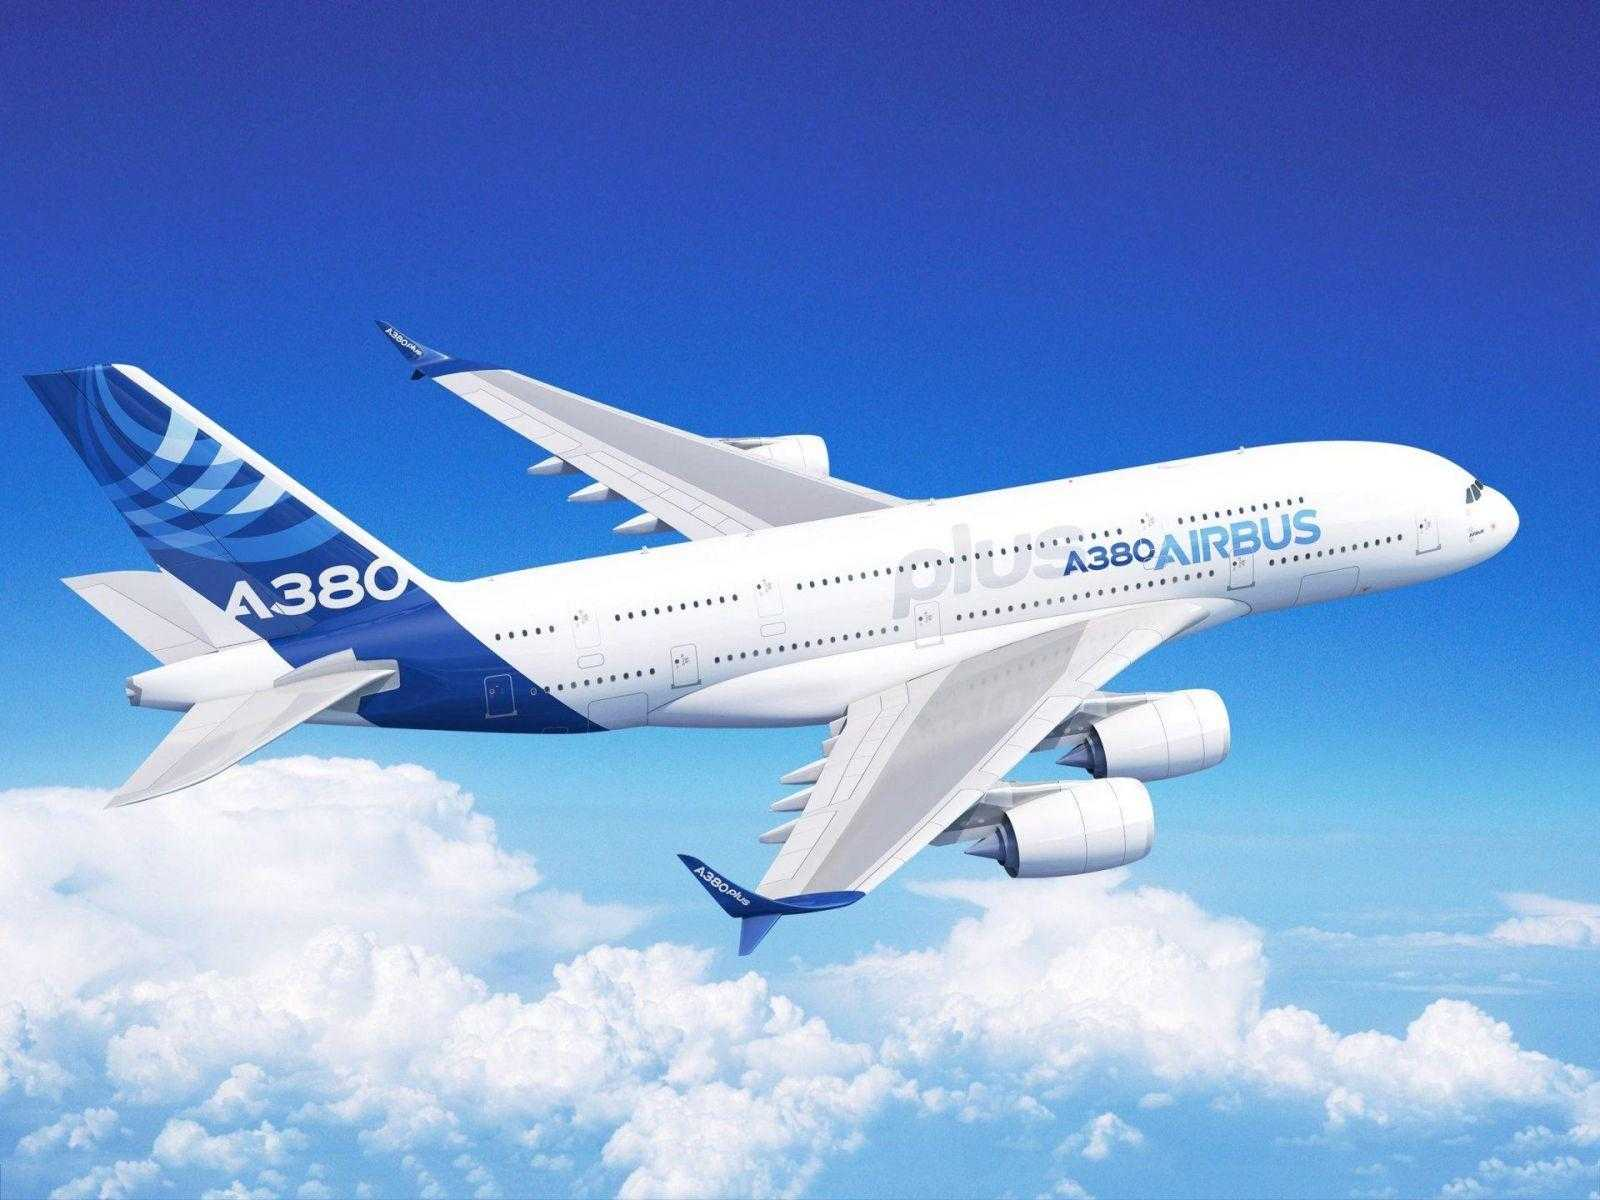 Airbus прекратит производство A380, самого большого пассажирского самолета в мире (Winglets Art)